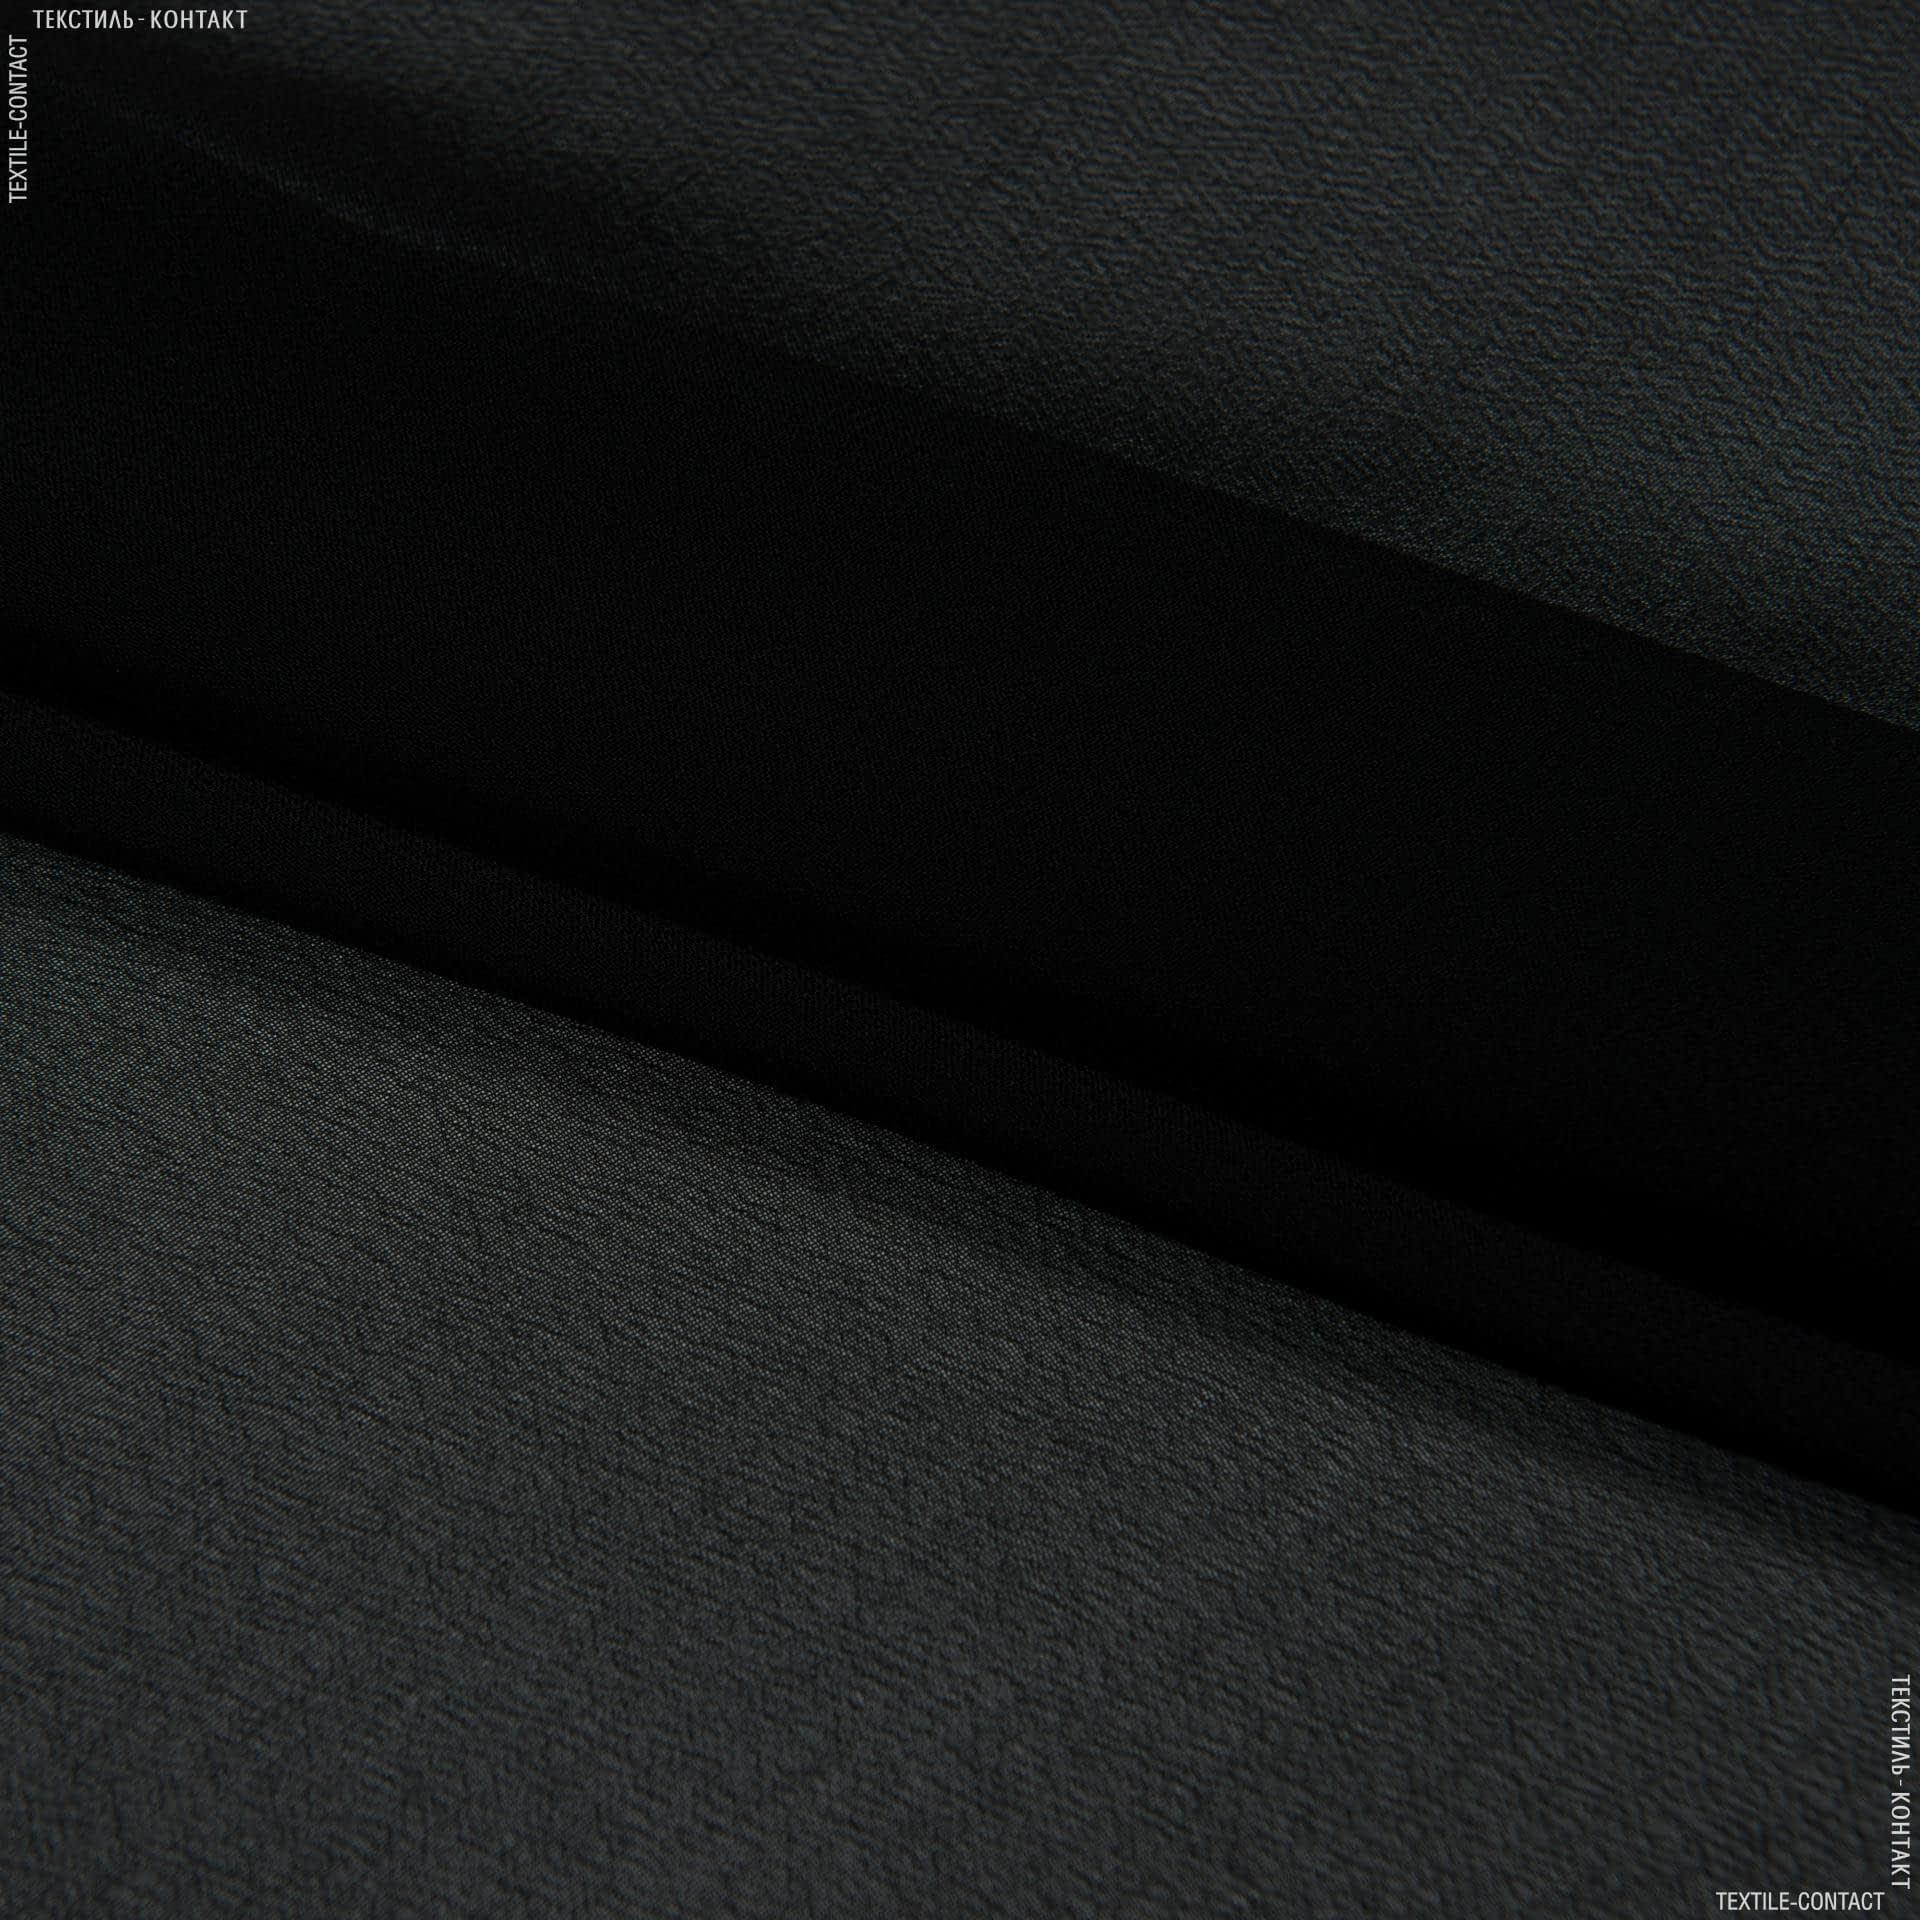 Ткани для платков и бандан - Шифон мульти черный